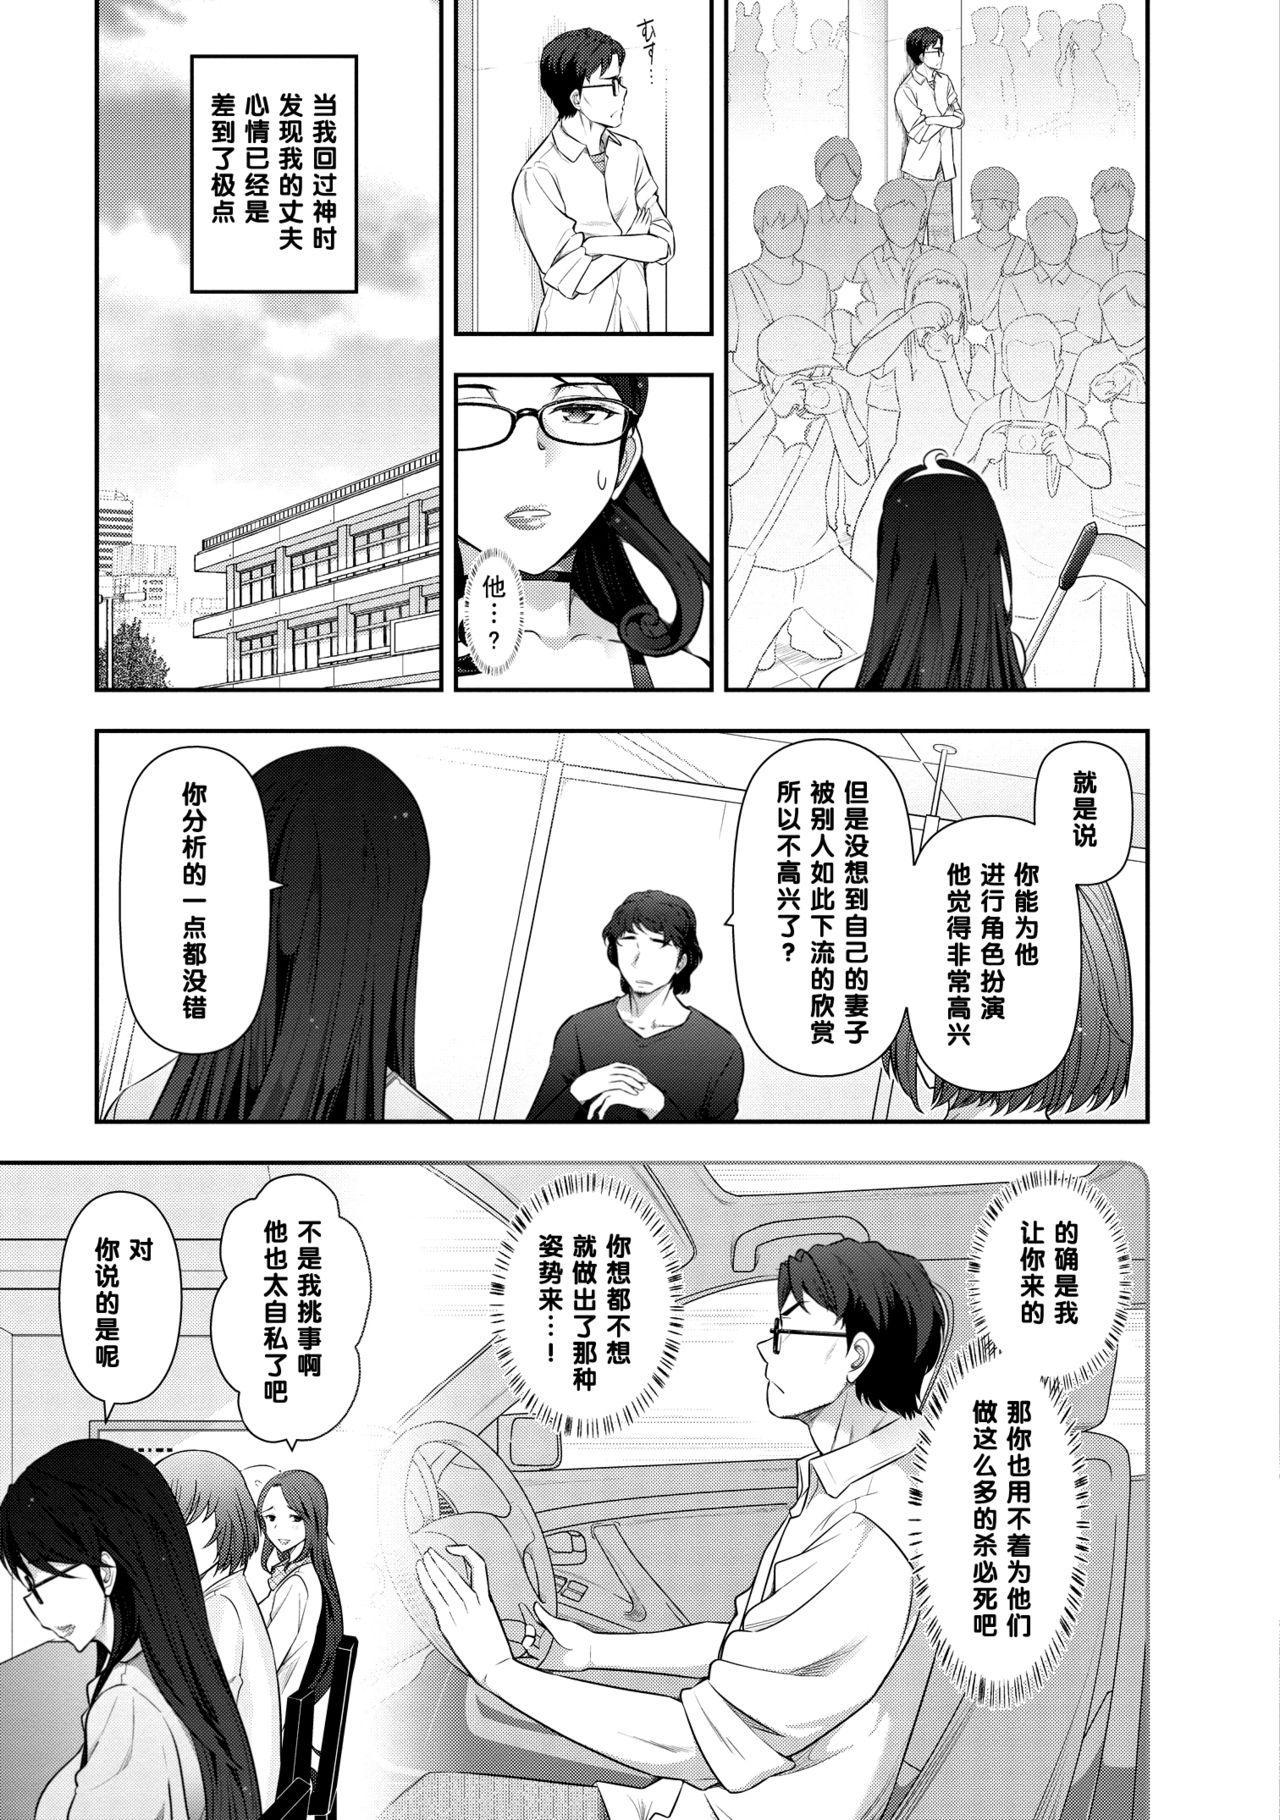 布川楓さん(30歳)の場合①(Chinese) 12